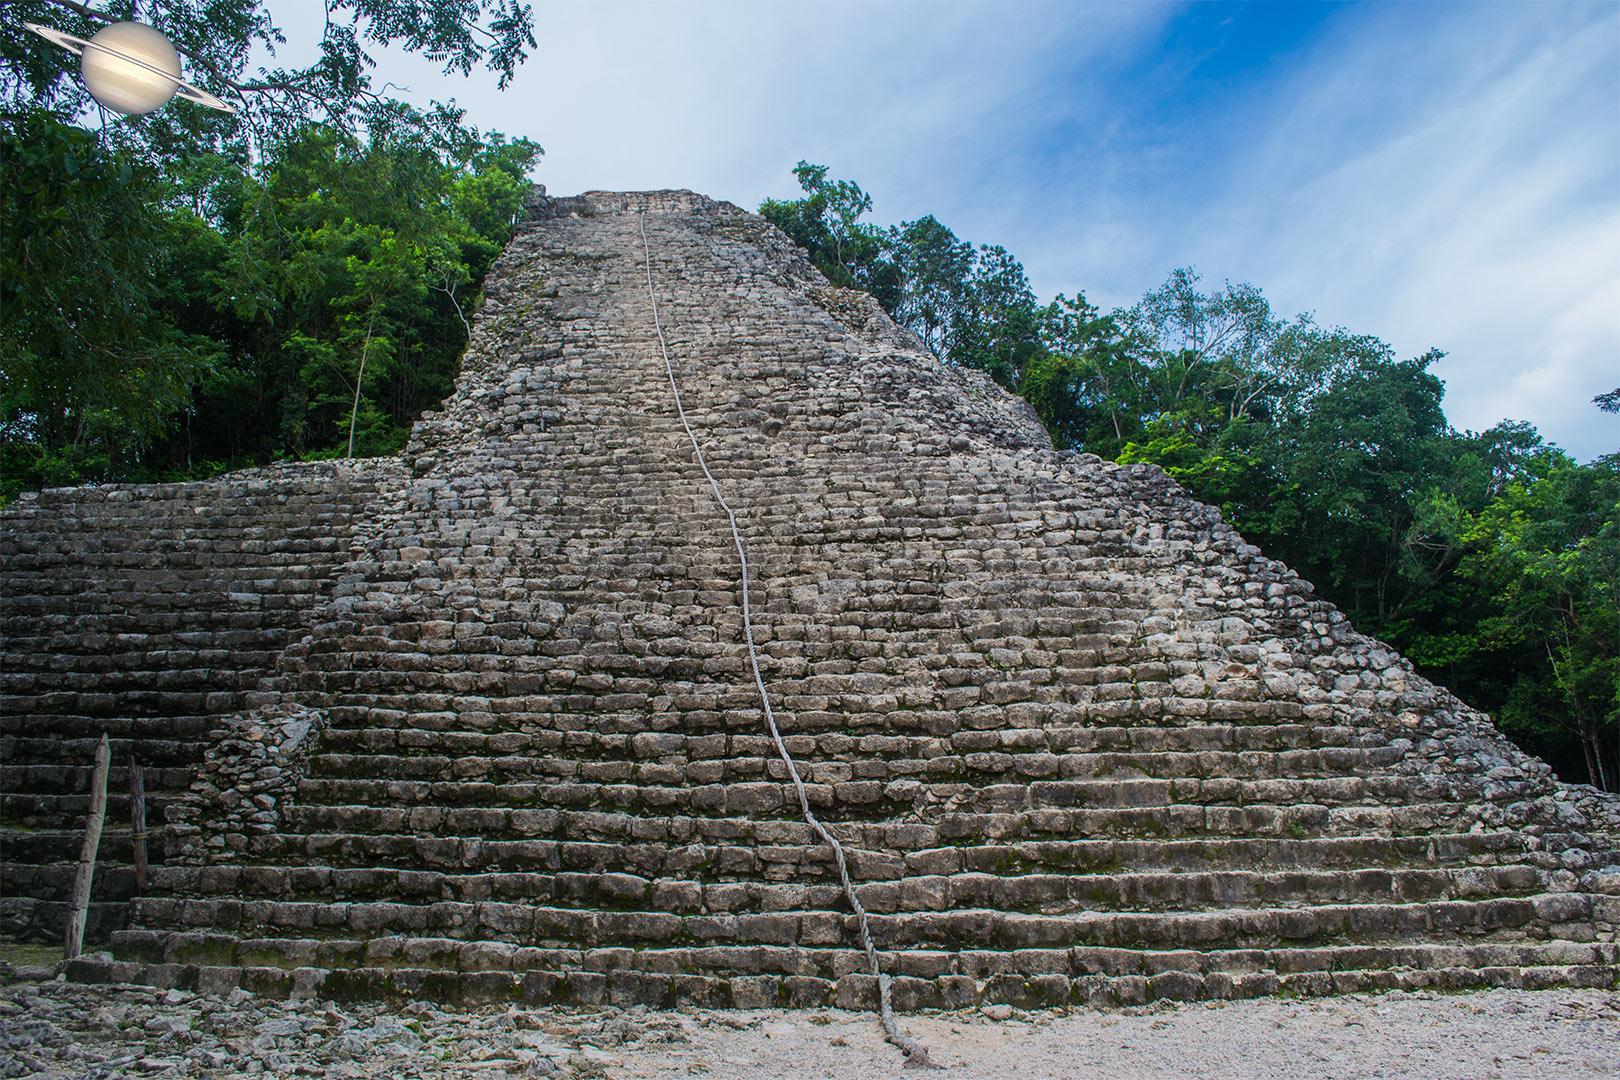 coba yucatan mexico 9 - Suba uma Pirâmide em Coba, Antiga Cidade Maia, México